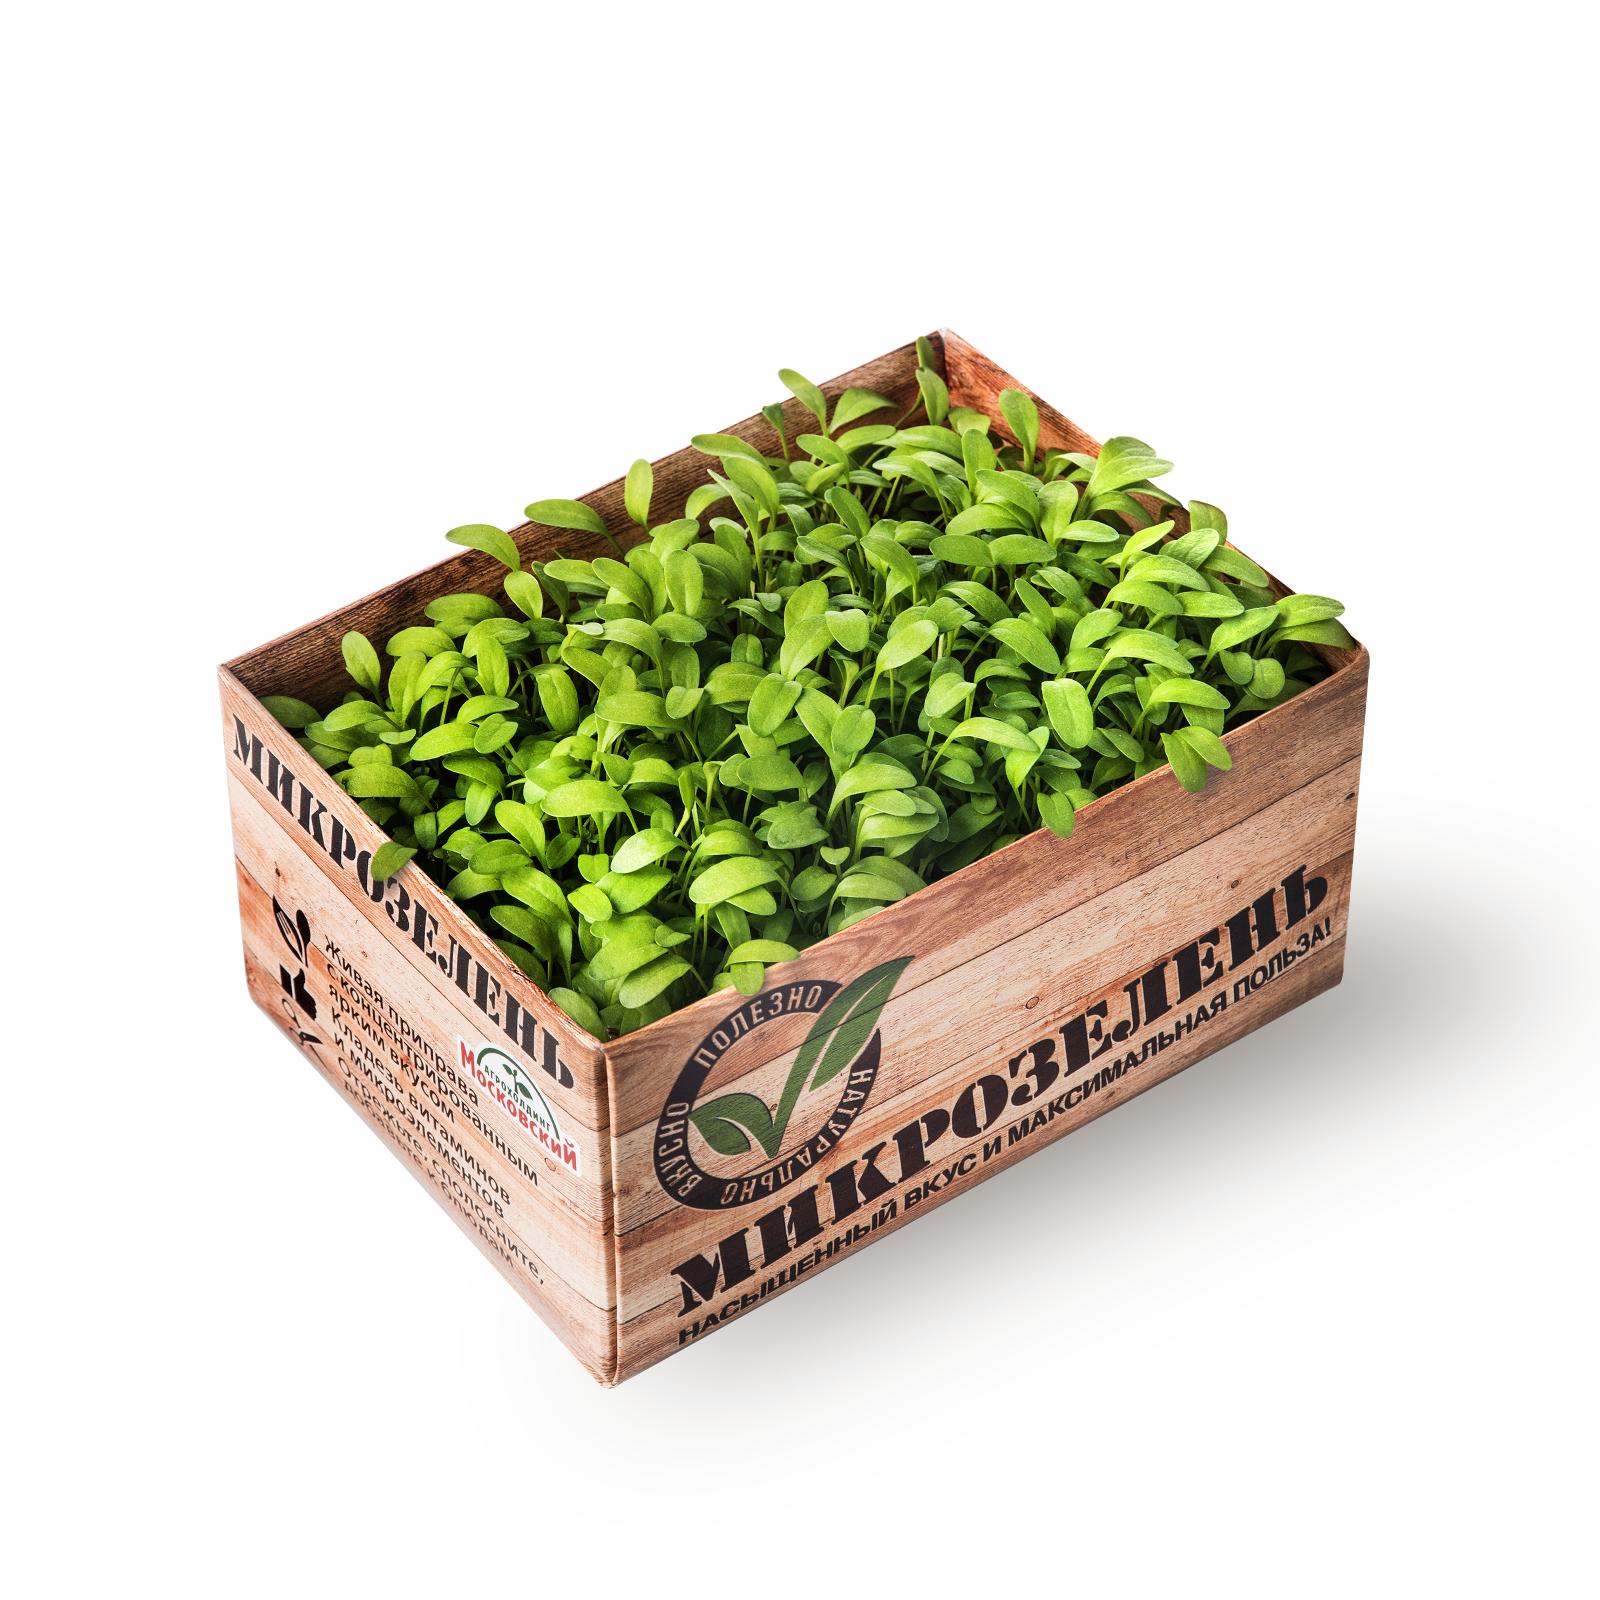 Image кресс салат